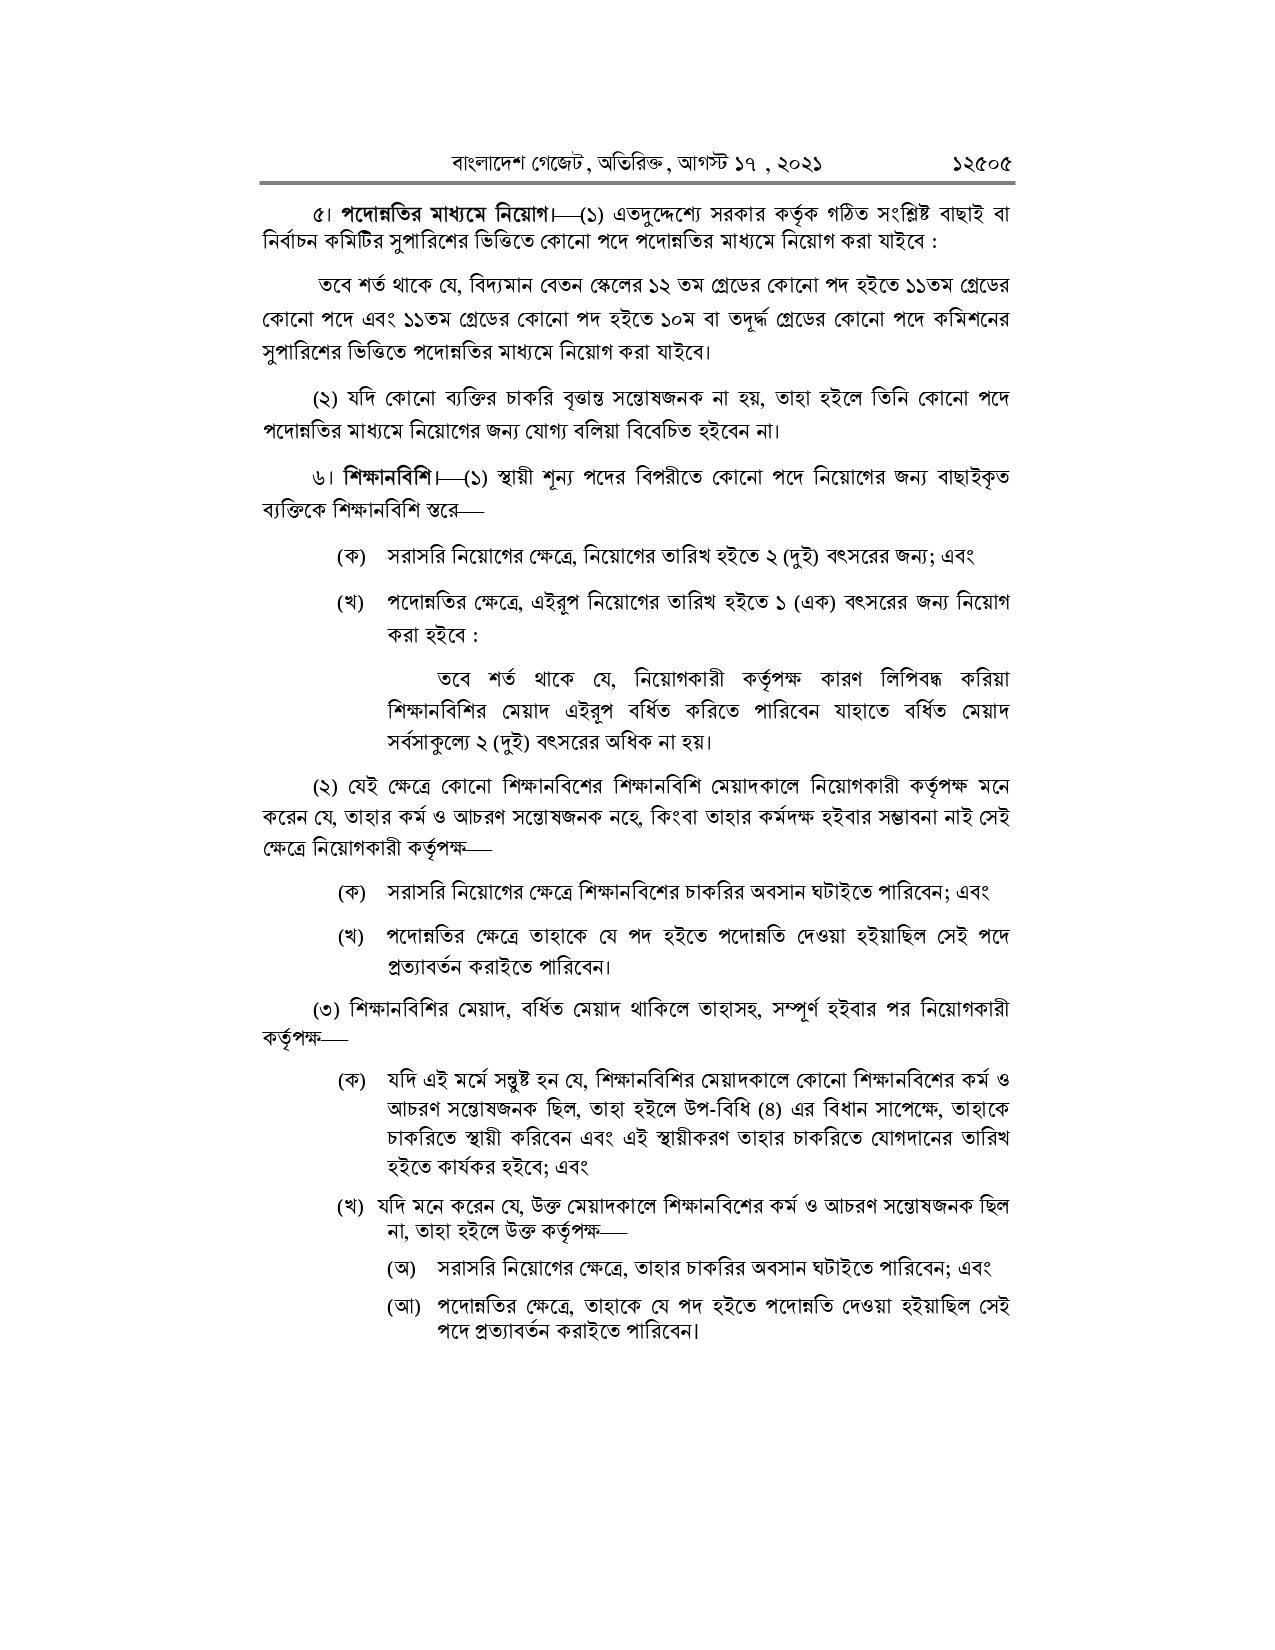 ভূমি সহকারি কর্মকর্তা ও ভূমি উপ-সহকারি কর্মকর্তা নিয়োগ বিধিমালা, ২০২১